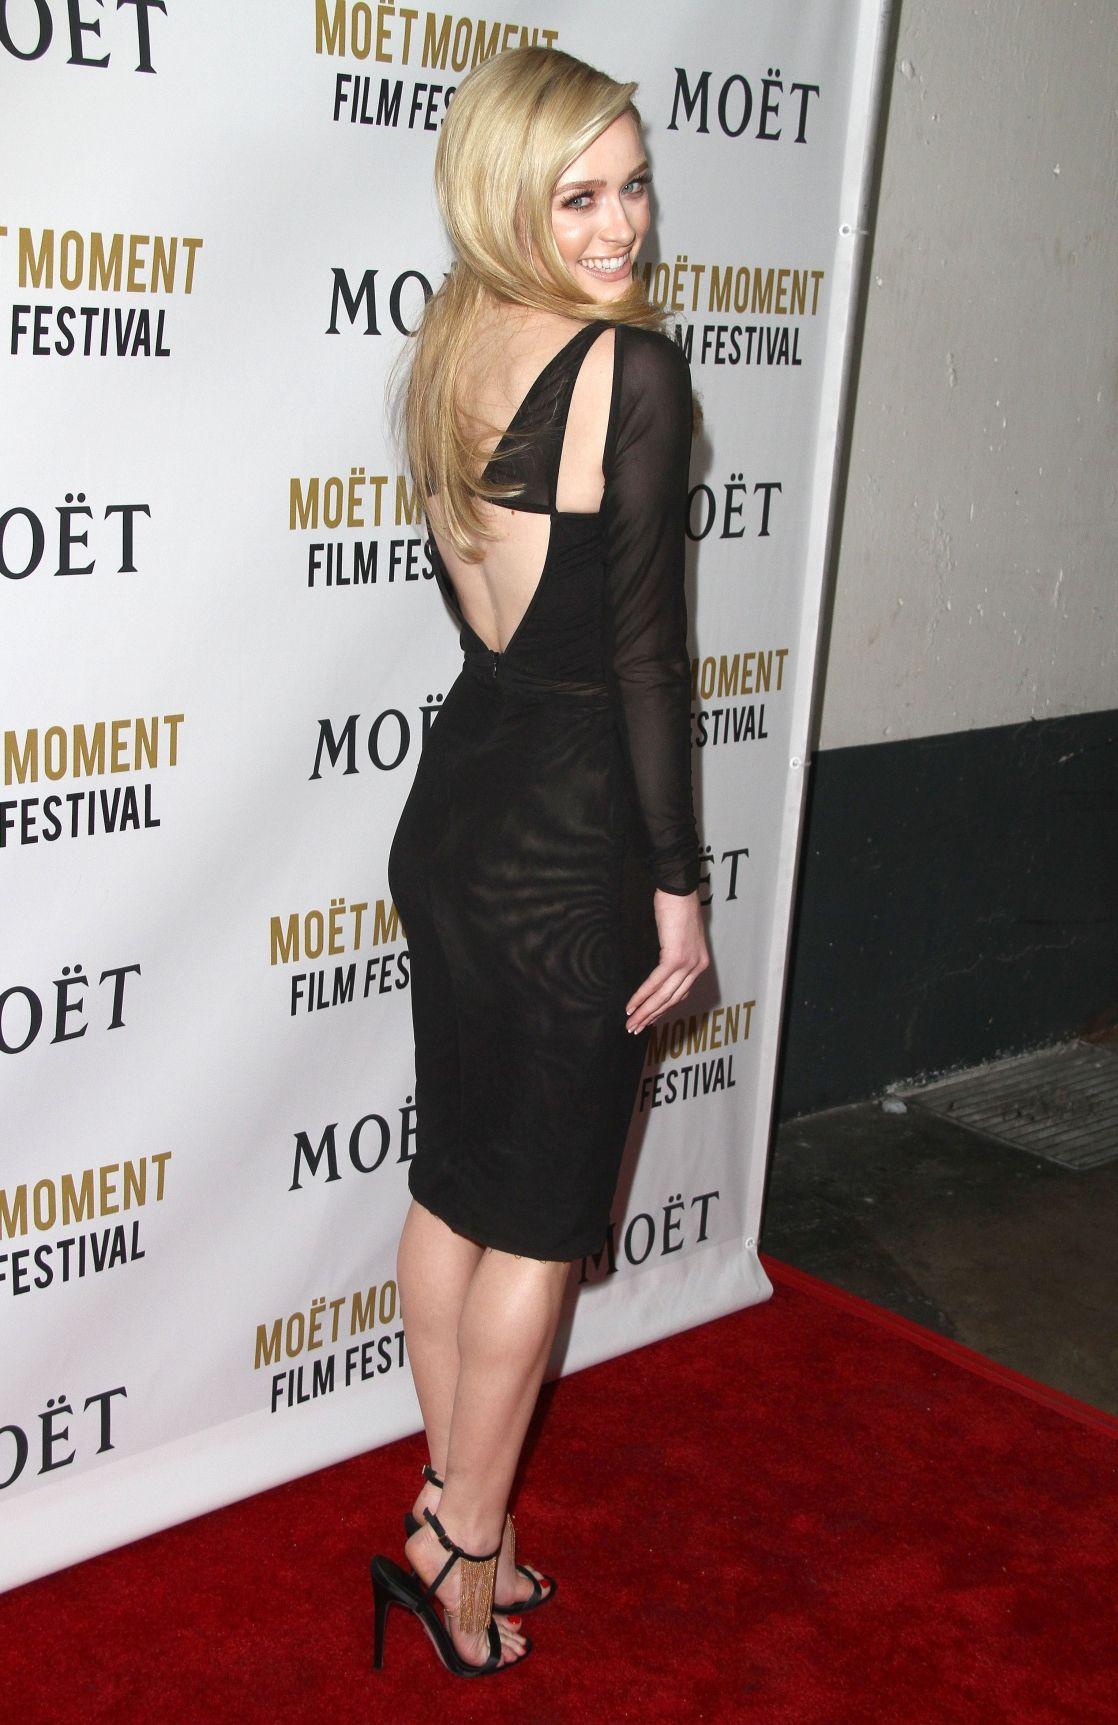 Celebrites Greer Grammer nude (23 foto and video), Tits, Sideboobs, Selfie, legs 2020